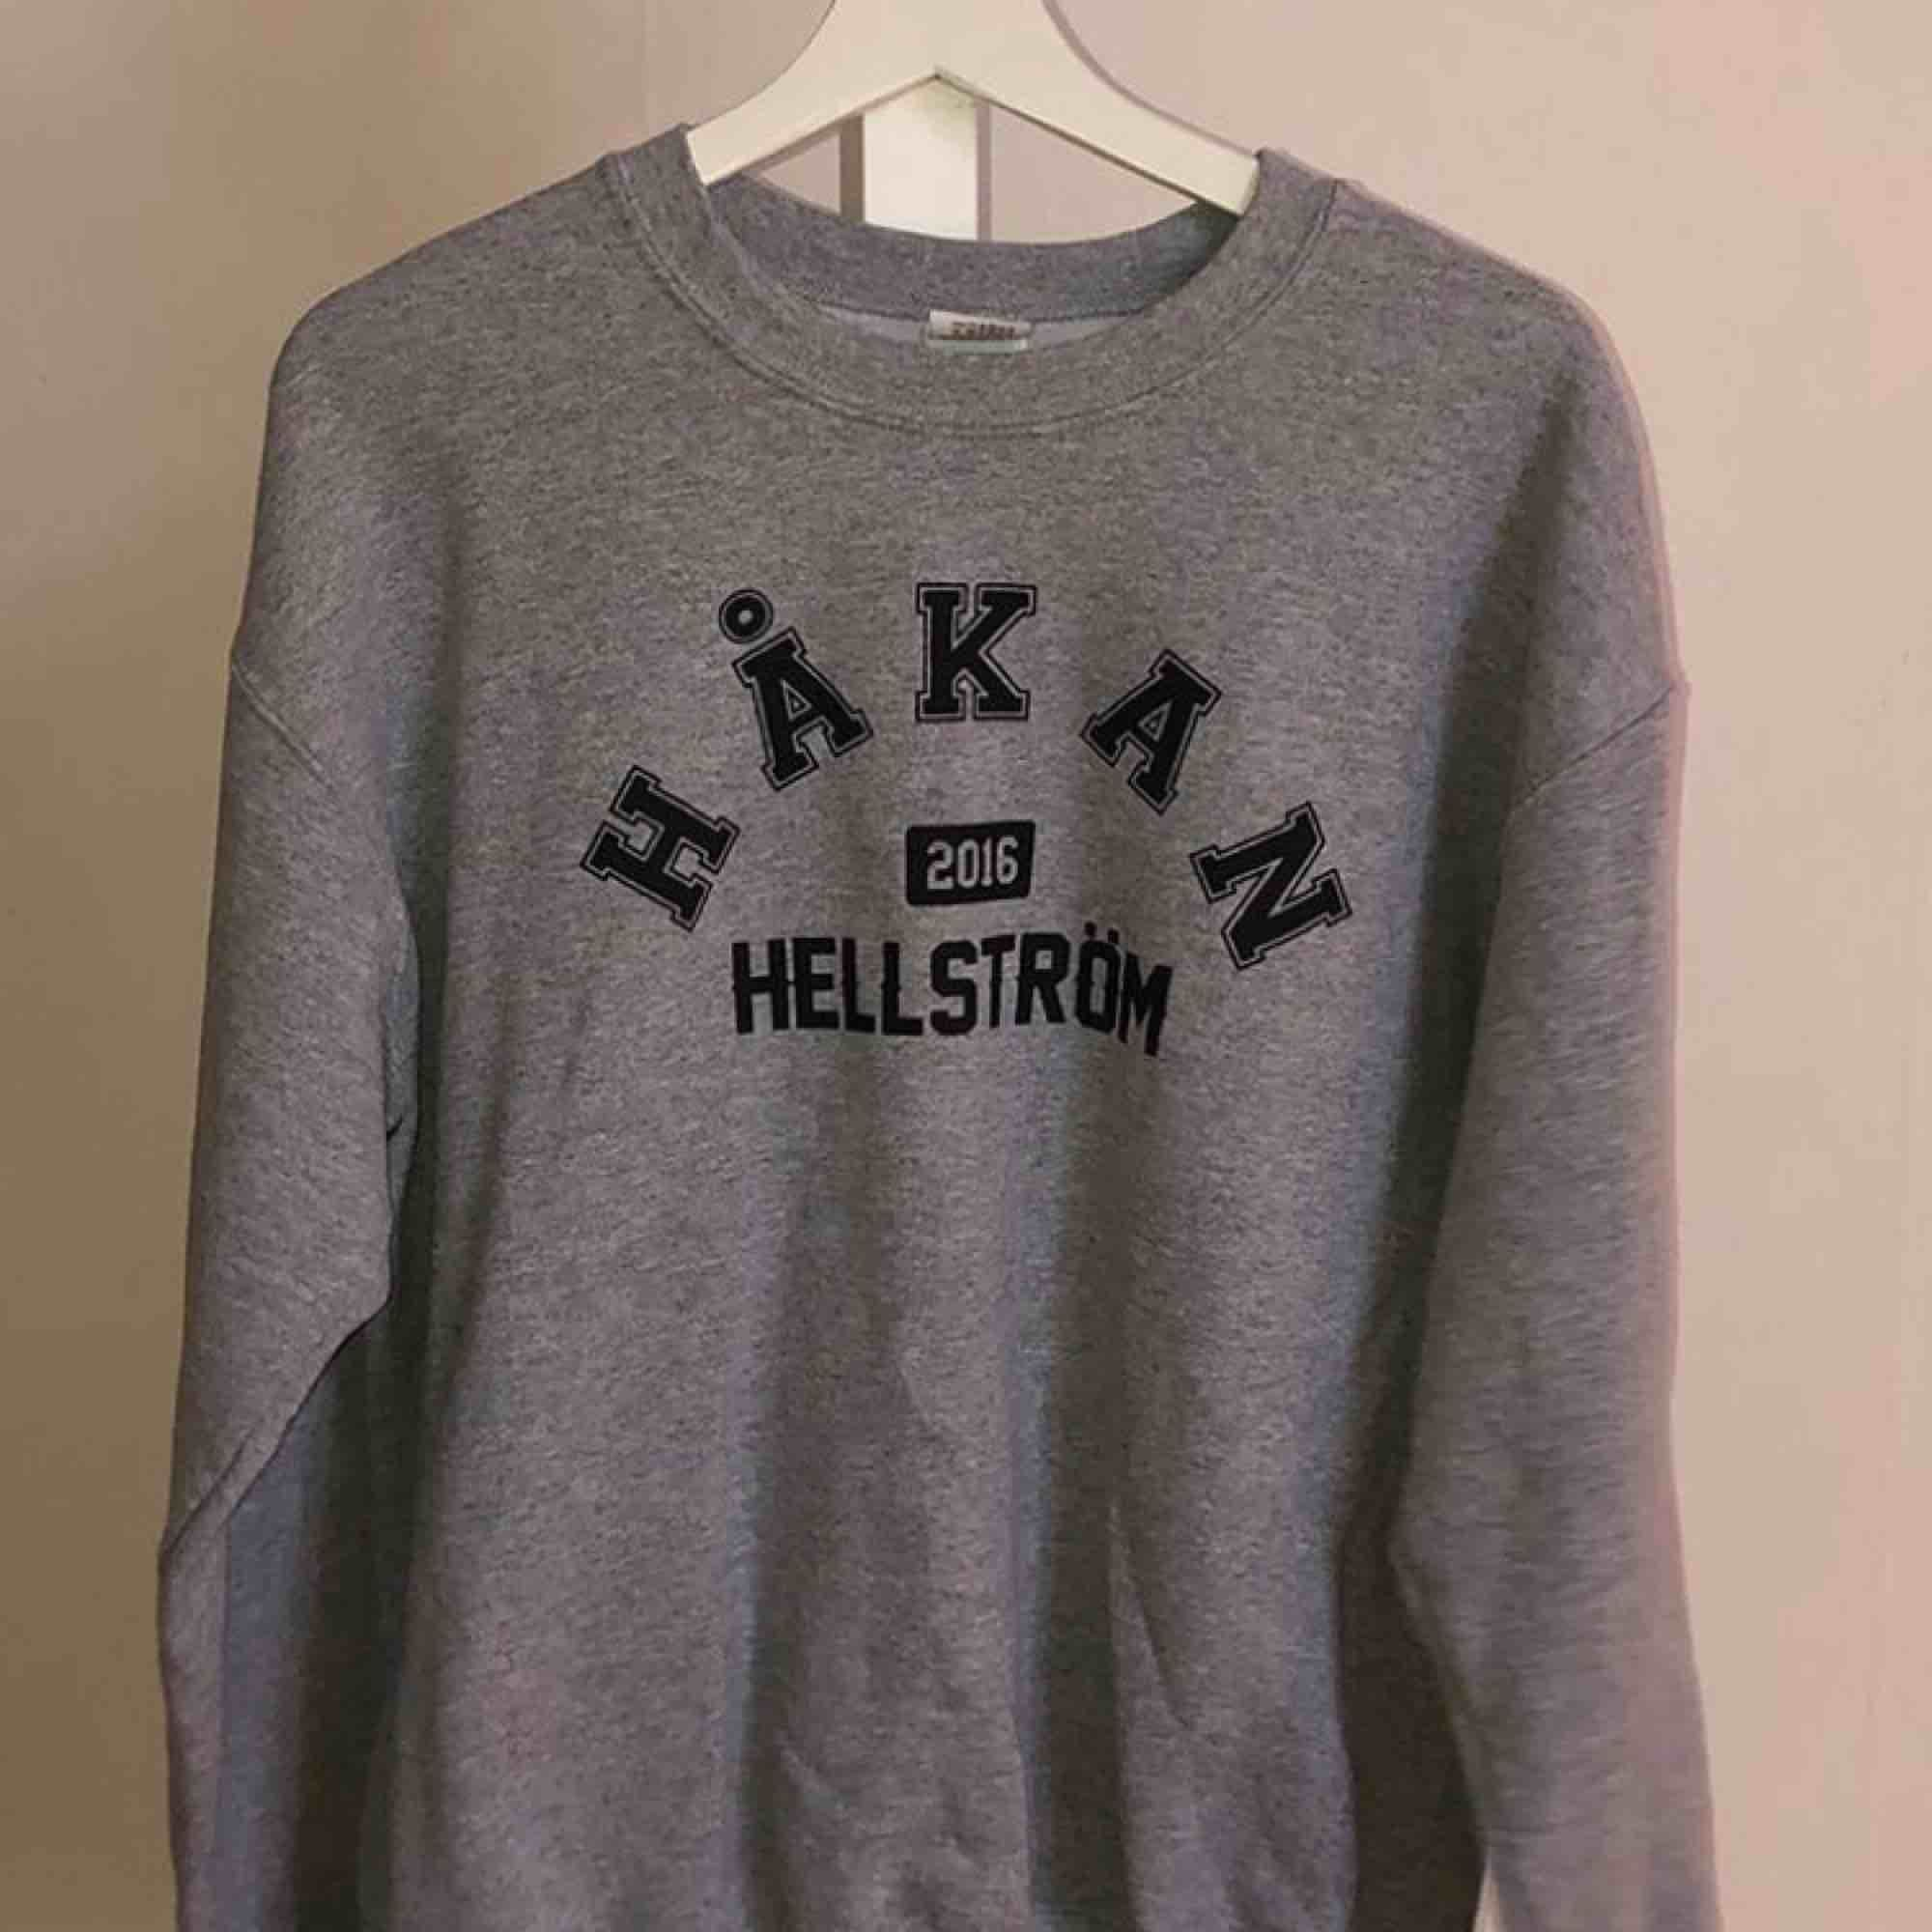 HÅKAN HELLSTRÖM SWEATSHIRT!!!!!!!!!! supersnygg som tyvärr inte används! passar många storlekar beroende på hur man vill att den ska sitta! peppa upp inför Ullevi i sommar med denna!!! Möts i Sthlm / Norrköping annars är priset 300 inkl frakt! Kram❤️🥰. Tröjor & Koftor.